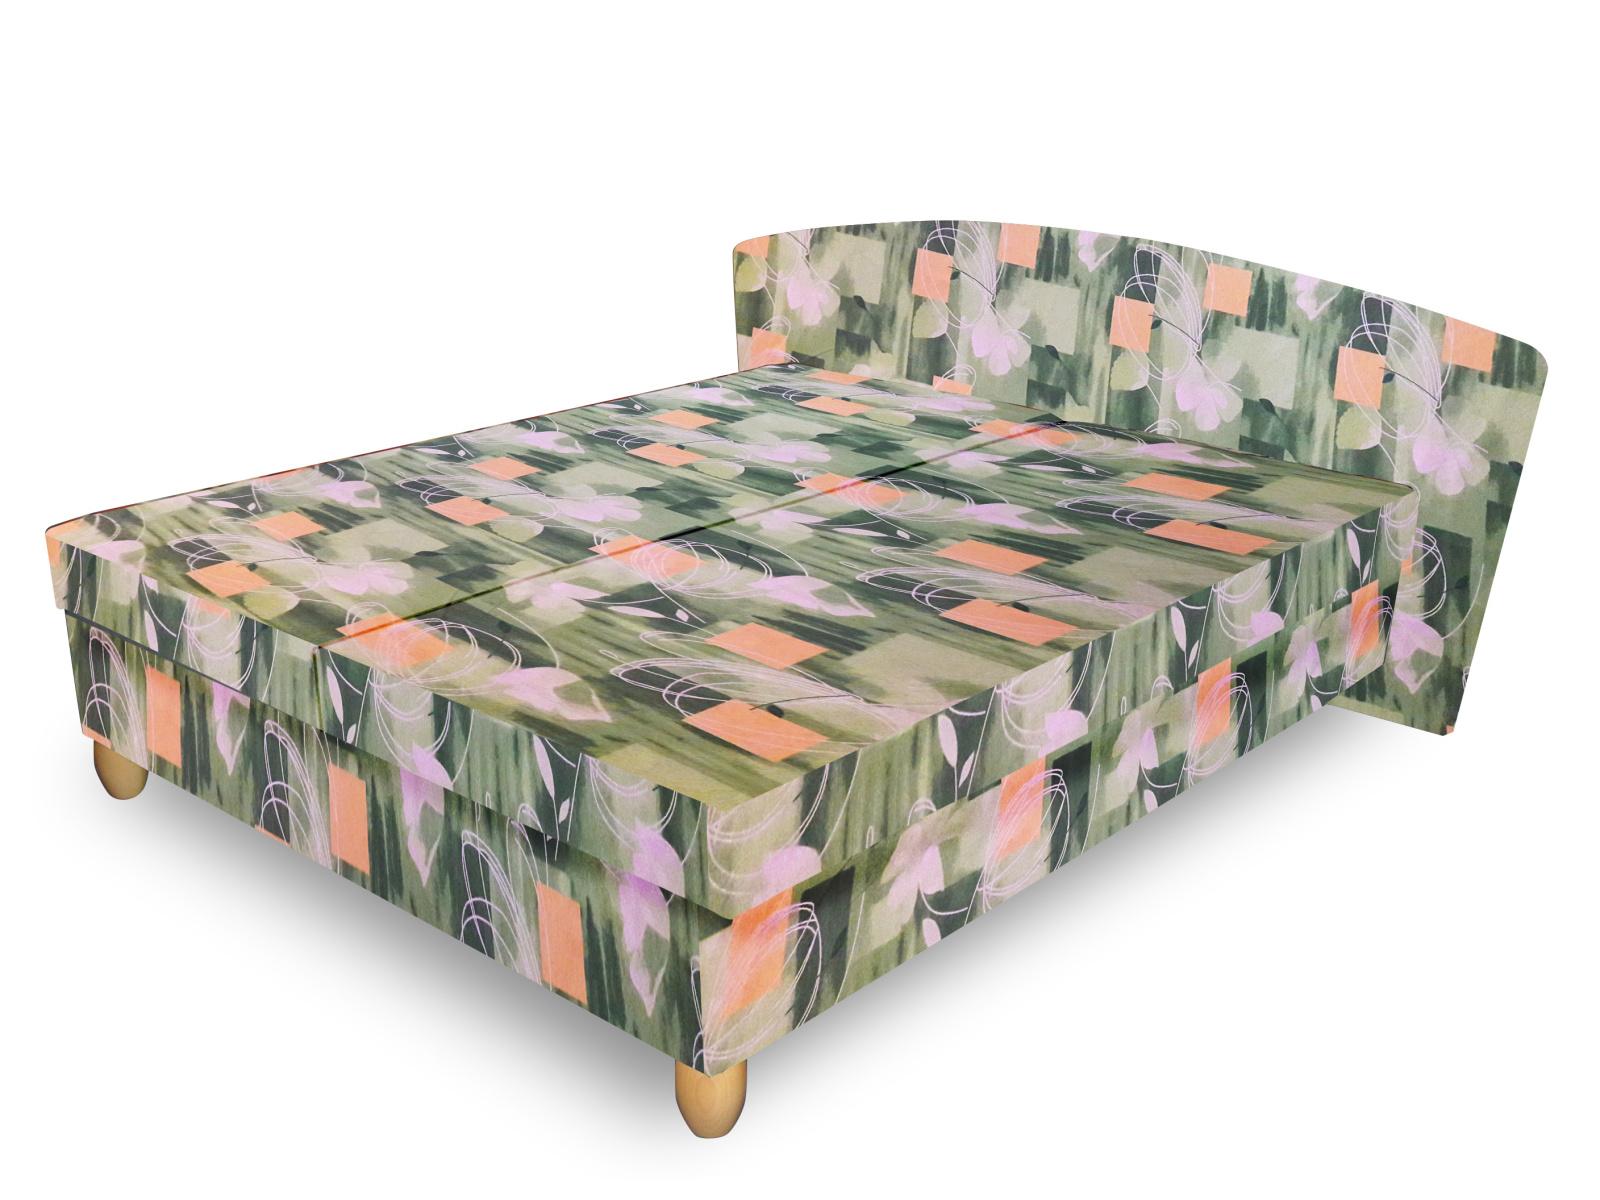 Smartshop Čalouněná postel NICOL 160x195 cm, zelená látka